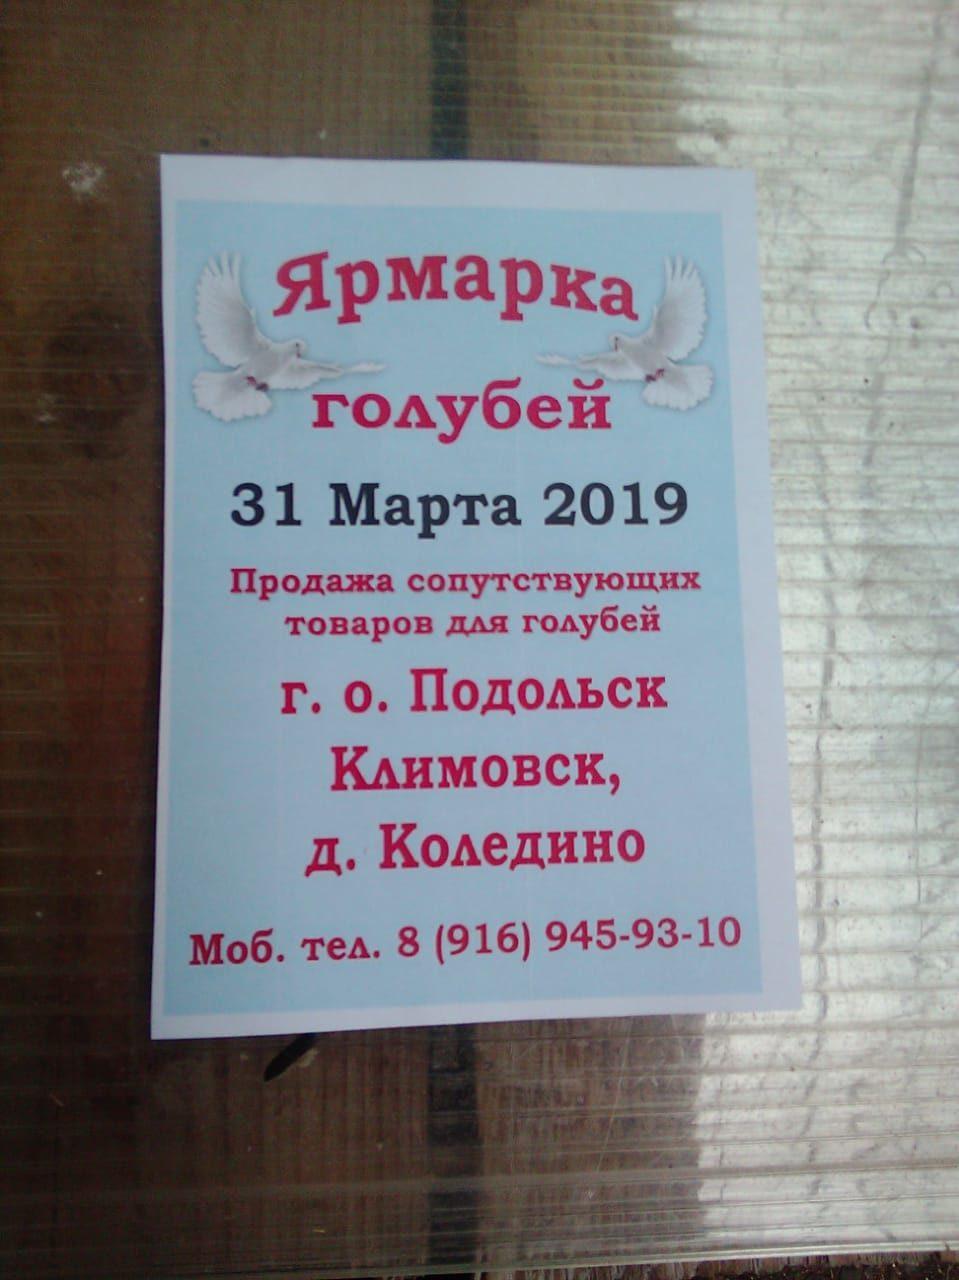 голубей - ВЫСТАВКИ ГОЛУБЕЙ В Москве в 2019 году 9c10